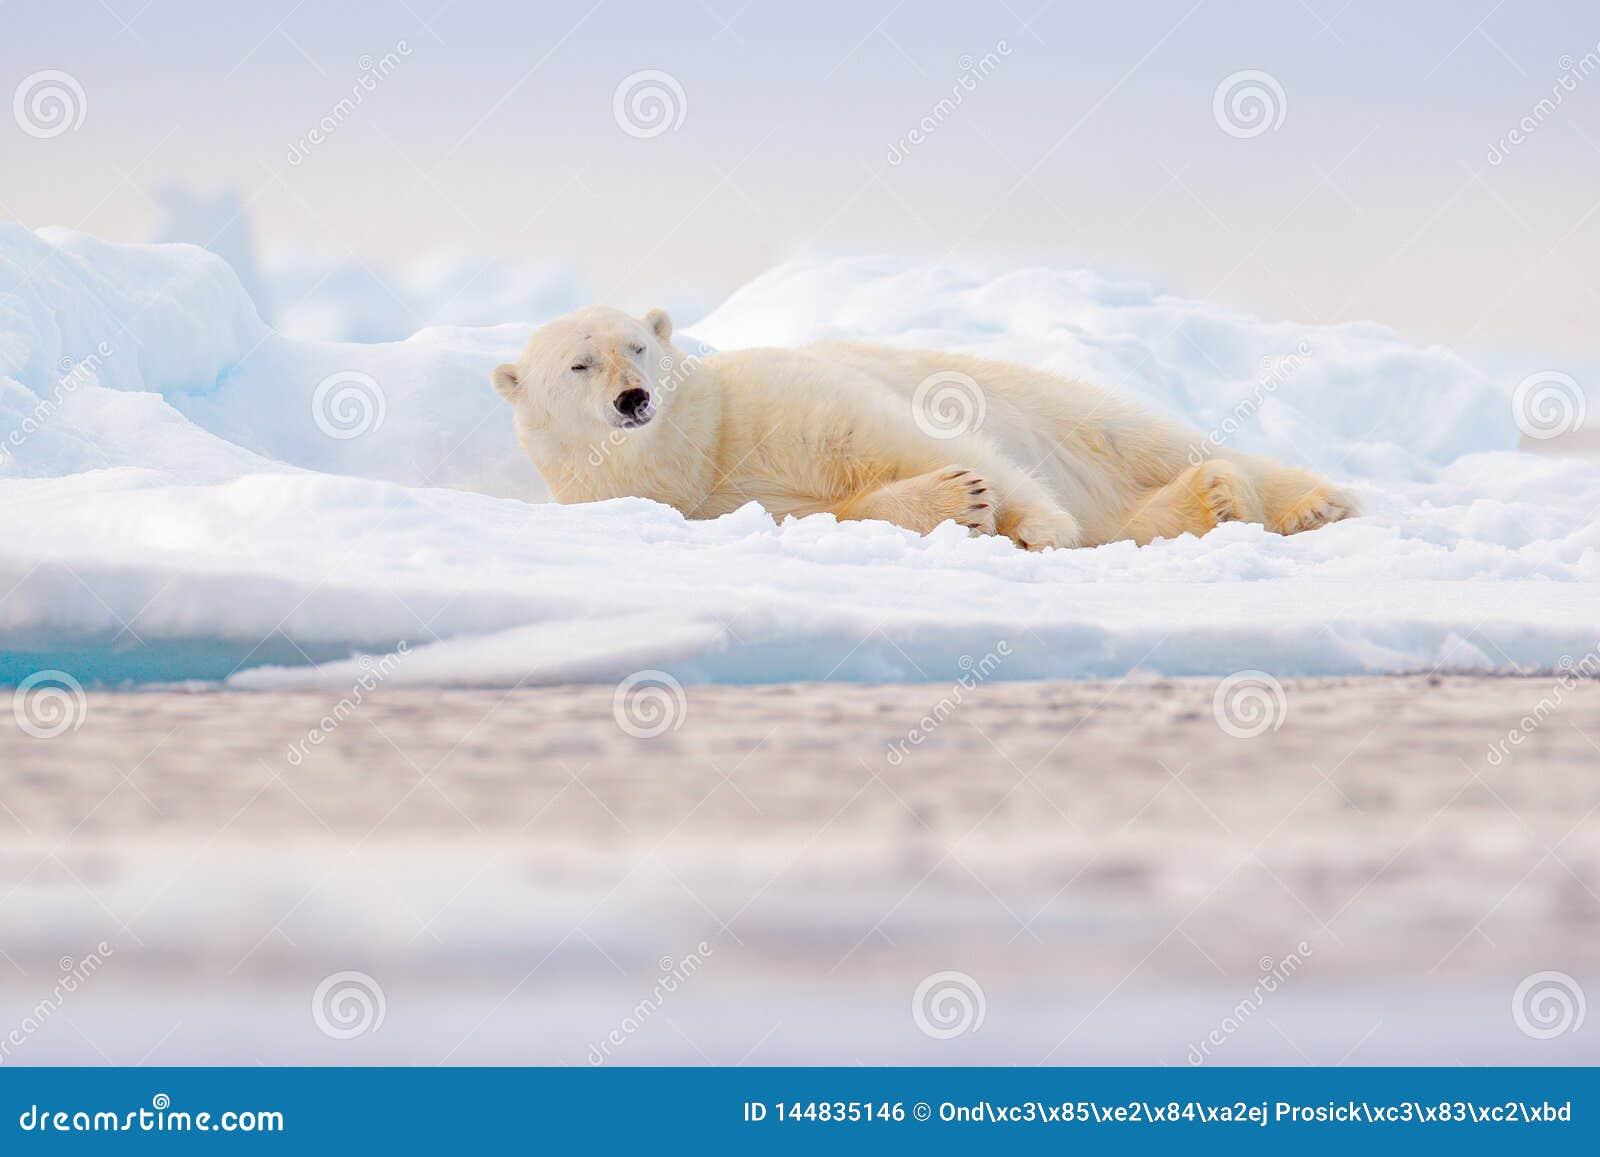 Ijsbeer op de rand van het afwijkingsijs met sneeuw en water in het overzees van Noorwegen E wildlife